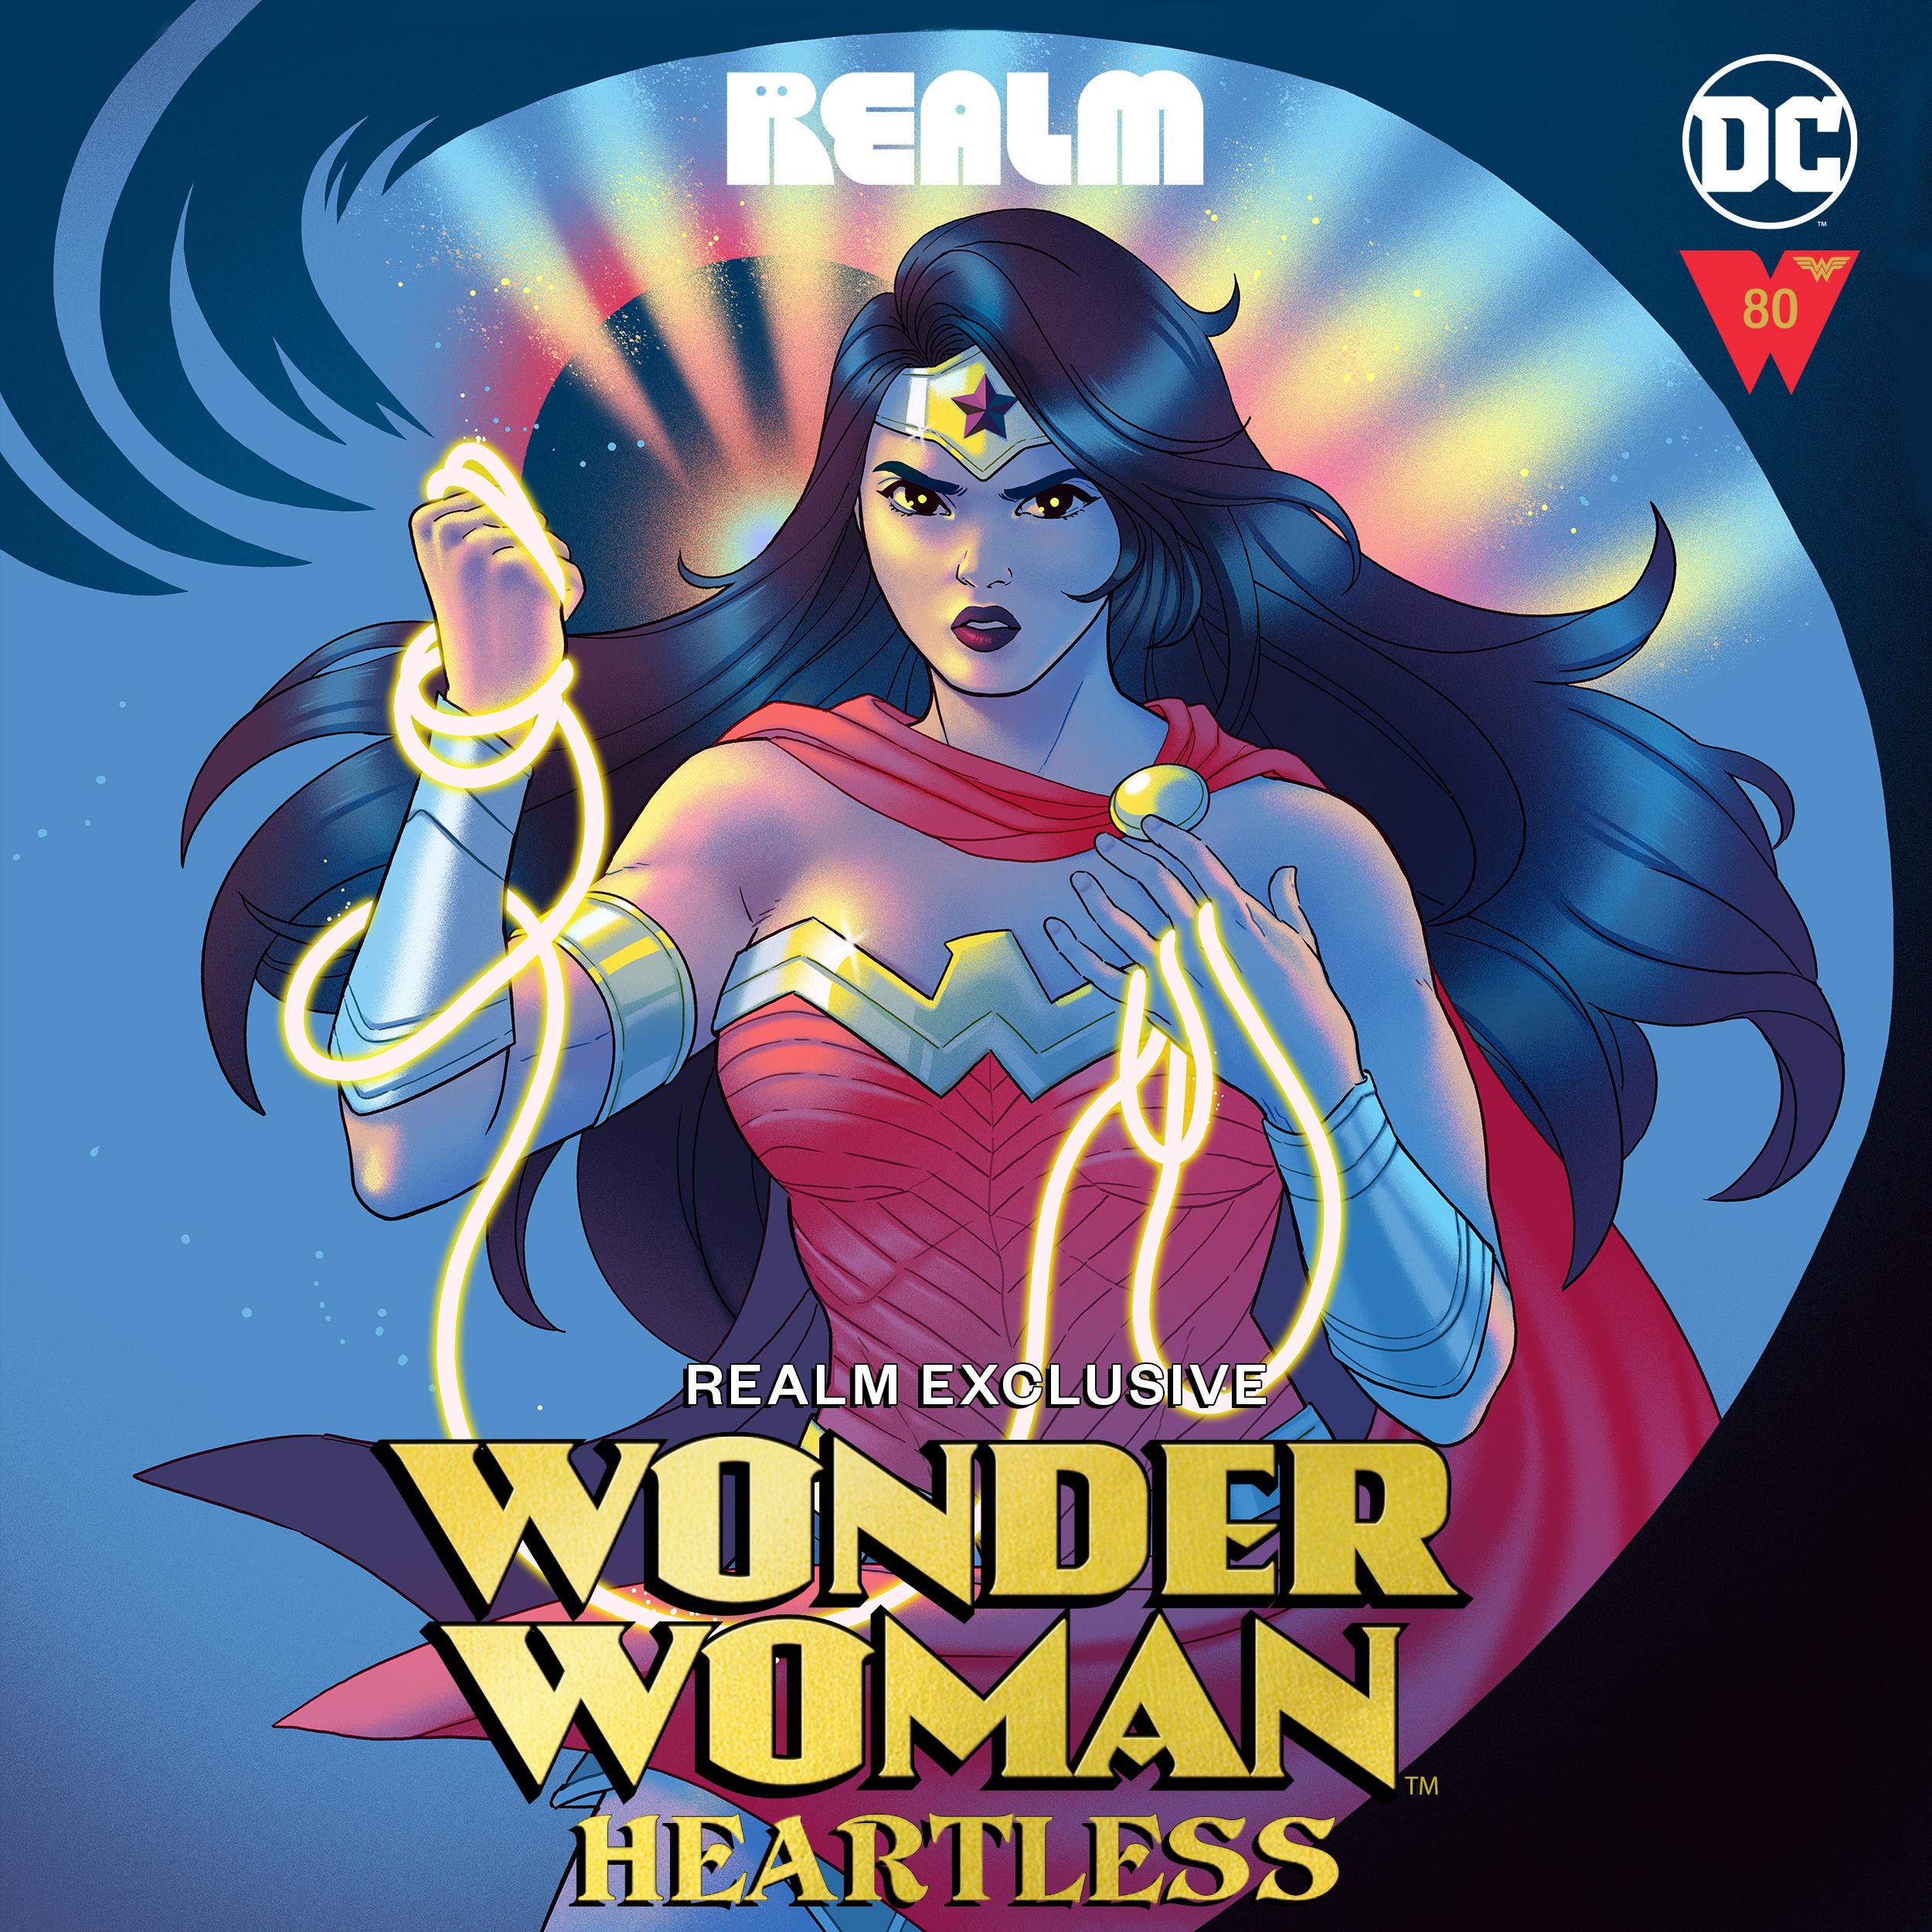 Wonder Woman: Heartless